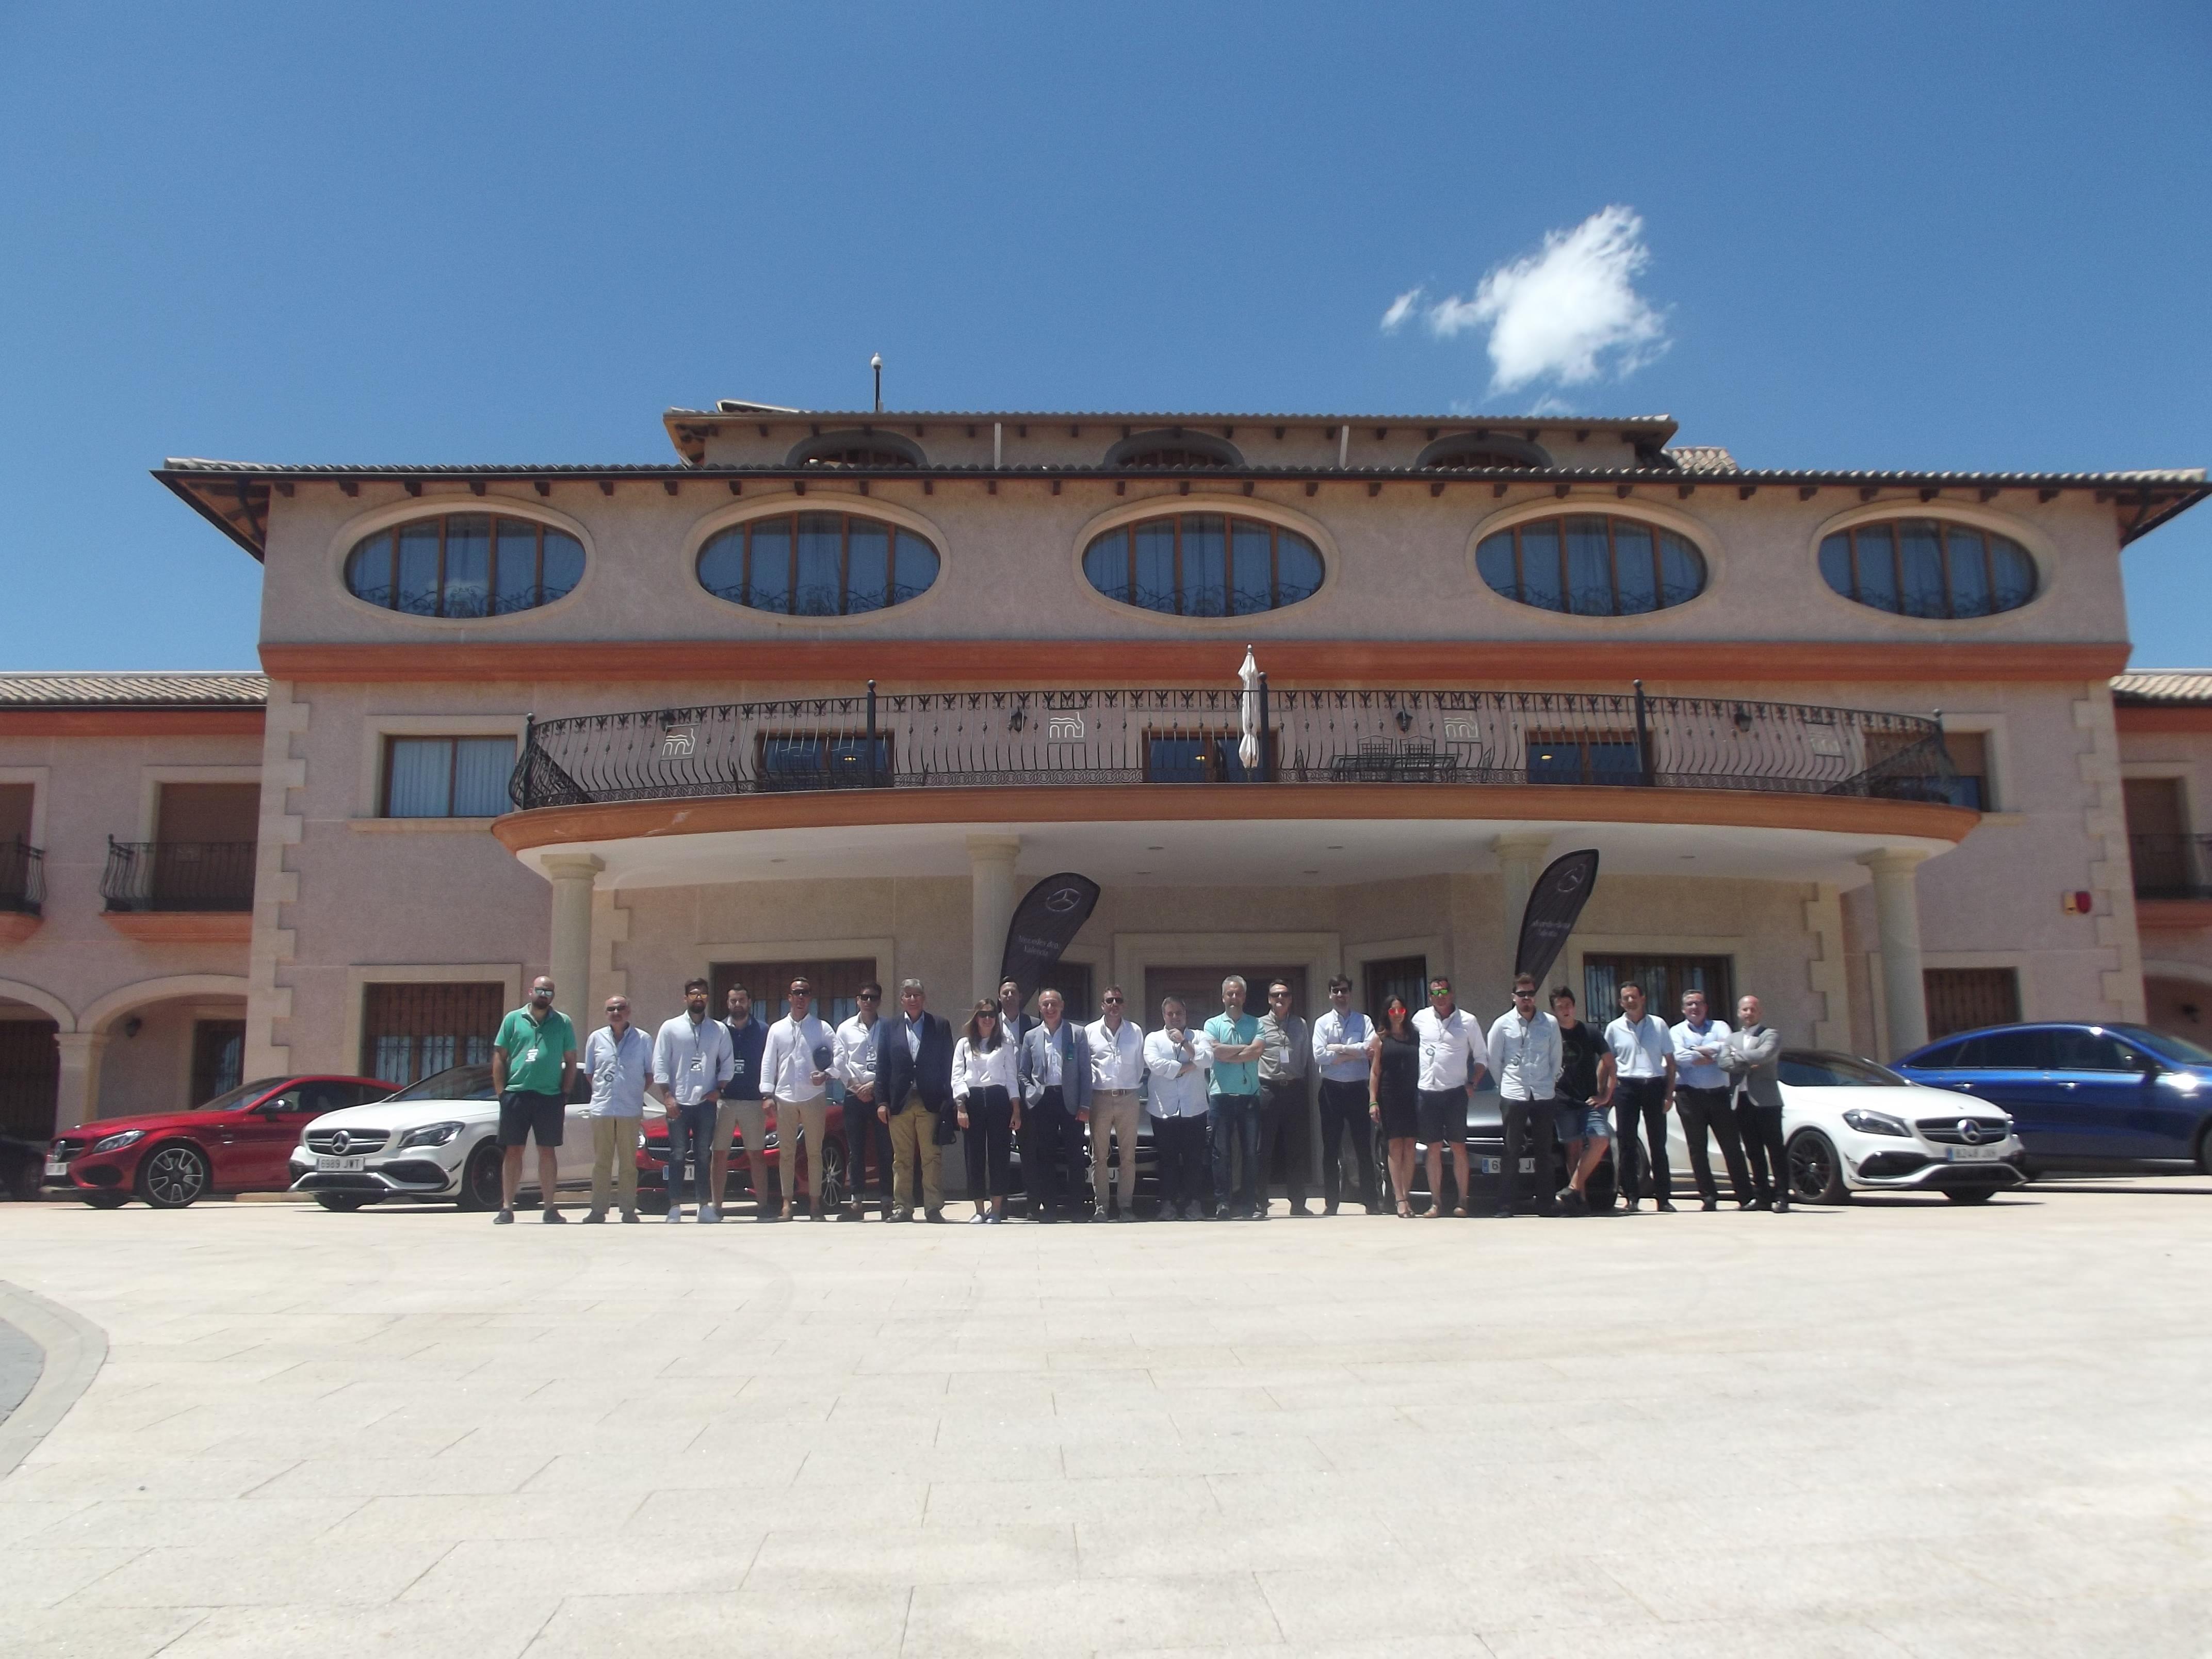 Caravana AMG en Mercedes-Benz Valencia